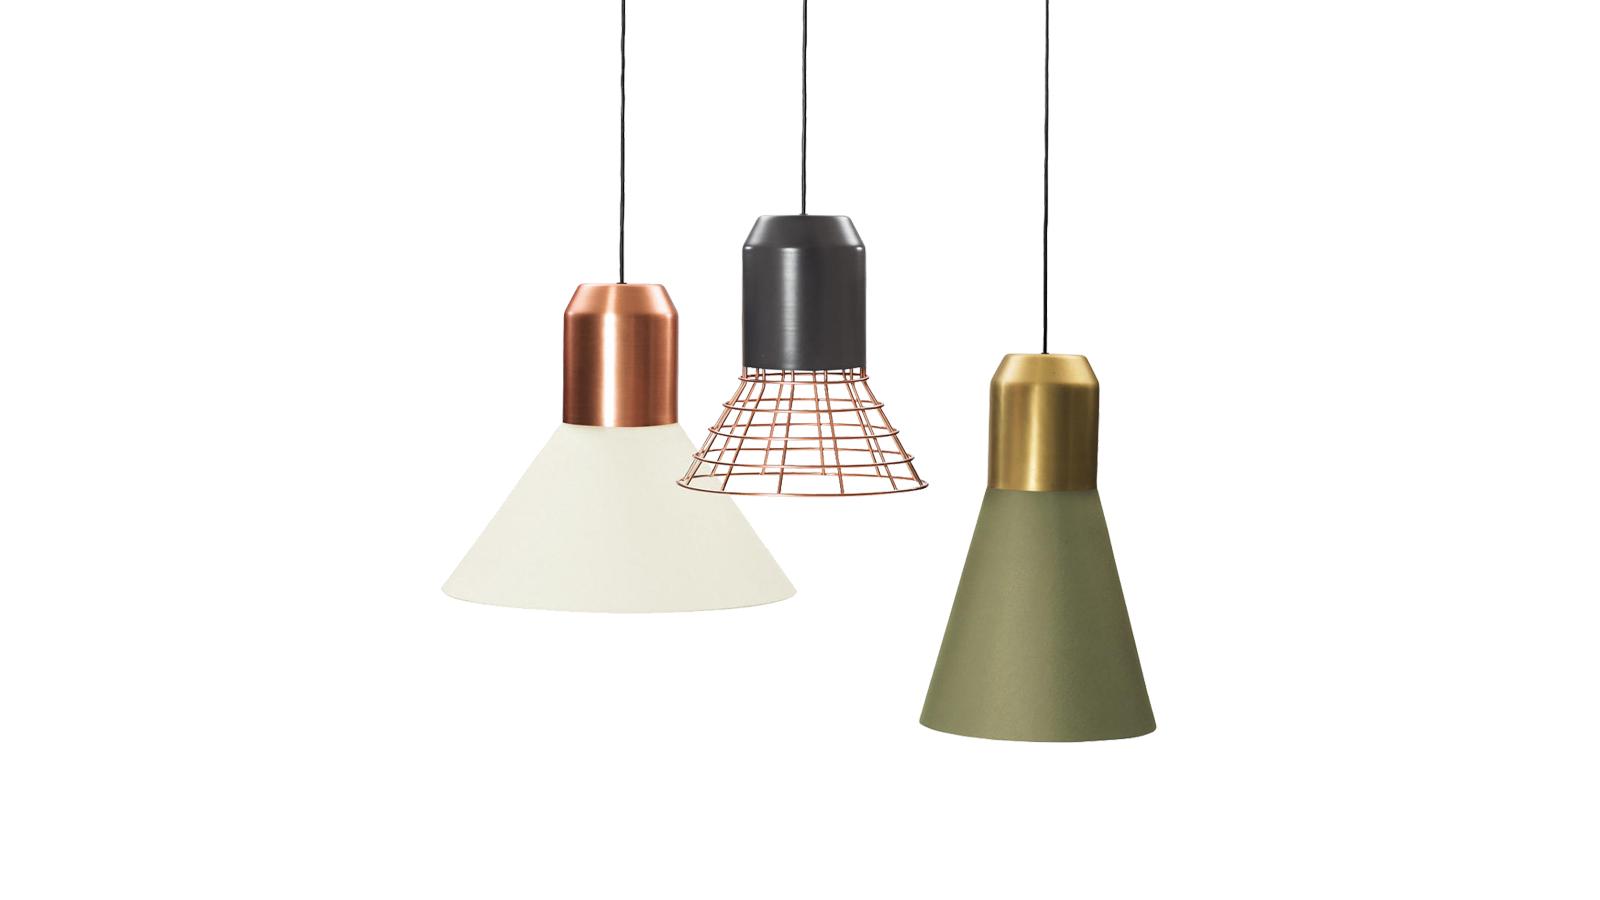 Korunk egyik legtehetségesebb tervezője: Sebastian Herkner designer alkotta meg ezeket a látványos lámpákat, melyek számos színben, méretben és konfigurációban kaphatók. Anyagaik, felületeik, színeik változatossága rendkívül jól kombinálhatóvá teszi őket, és lehetőséget ad arra is, hogy egymás mellé helyezve őket, különlegesen látványos világítási installációt hozzunk létre belőlük.